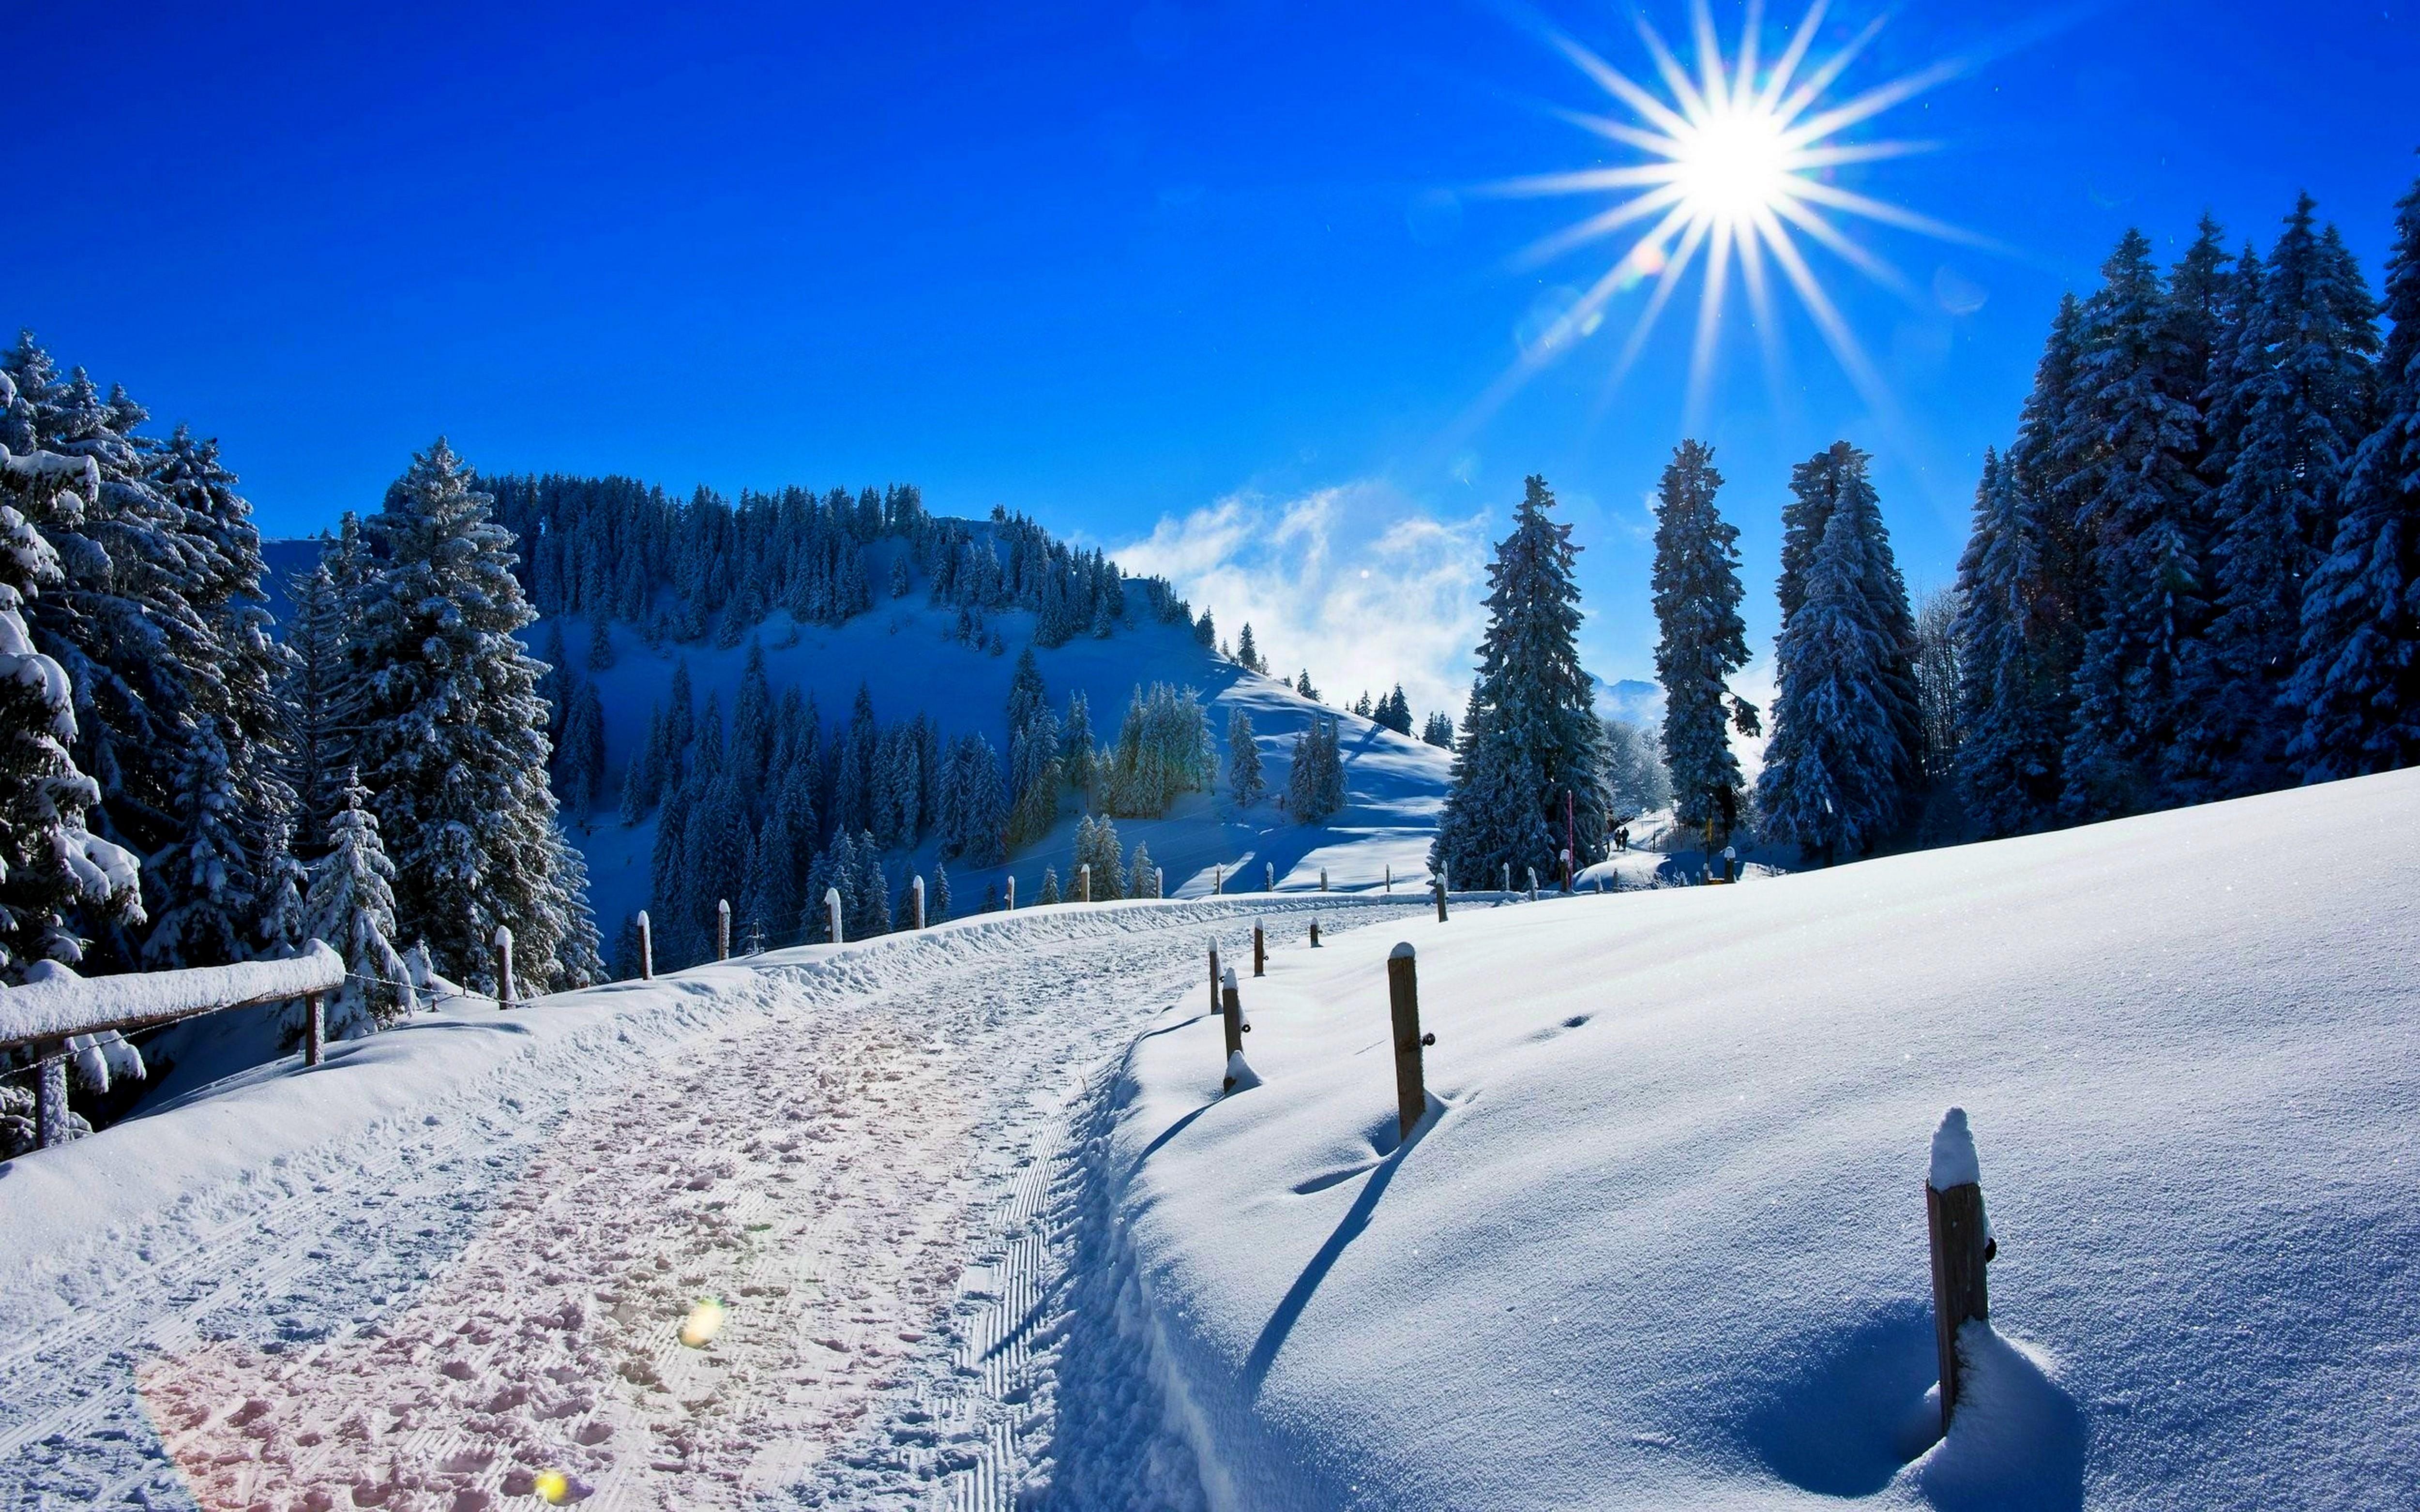 Природа зимой картинки красивые на рабочий стол, месяцев открытки старинные